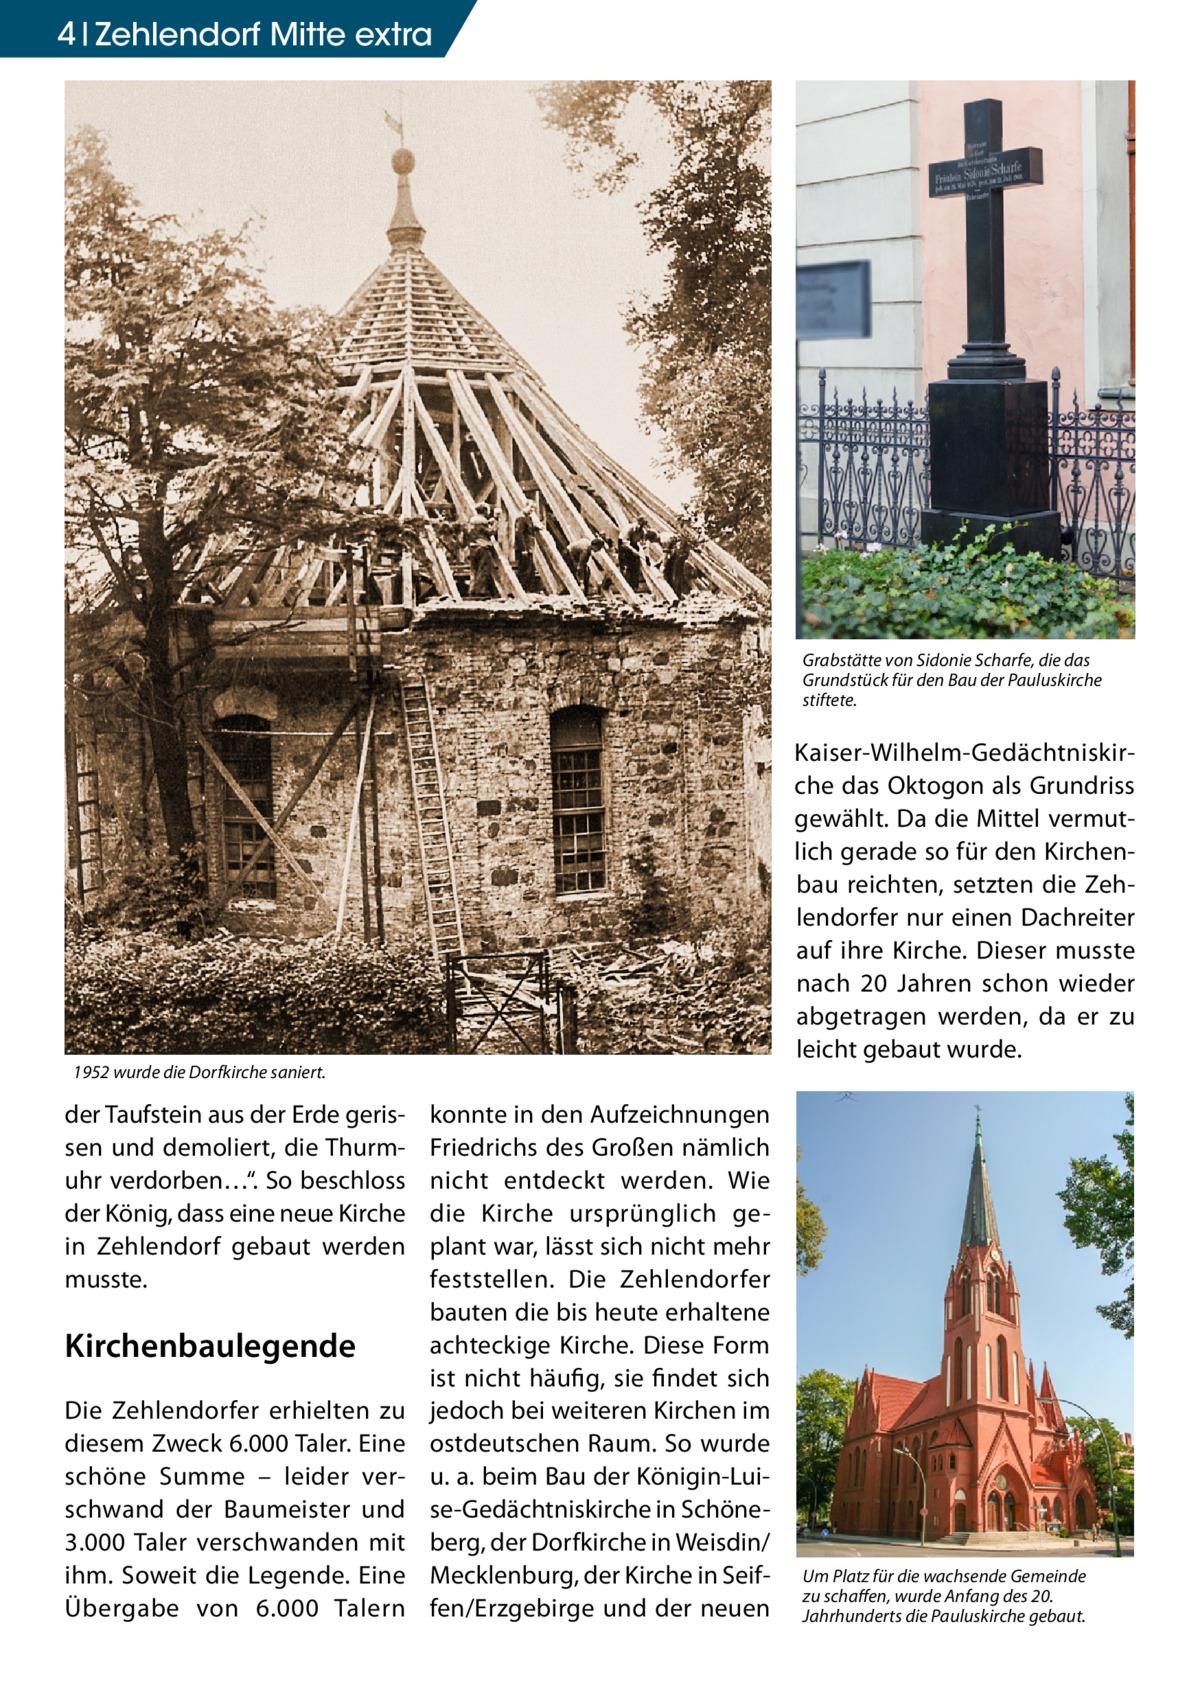 """4 Zehlendorf Mitte extra  Grabstätte von Sidonie Scharfe, die das Grundstück für den Bau der Pauluskirche stiftete.  Kaiser-Wilhelm-Gedächtniskirche das Oktogon als Grundriss gewählt. Da die Mittel vermutlich gerade so für den Kirchenbau reichten, setzten die Zehlendorfer nur einen Dachreiter auf ihre Kirche. Dieser musste nach 20 Jahren schon wieder abgetragen werden, da er zu leicht gebaut wurde.  1952 wurde die Dorfkirche saniert.  der Taufstein aus der Erde gerissen und demoliert, die Thurmuhr verdorben…"""". So beschloss der König, dass eine neue Kirche in Zehlendorf gebaut werden musste.  Kirchenbaulegende Die Zehlendorfer erhielten zu diesem Zweck 6.000 Taler. Eine schöne Summe – leider verschwand der Baumeister und 3.000 Taler verschwanden mit ihm. Soweit die Legende. Eine Übergabe von 6.000 Talern  konnte in den Aufzeichnungen Friedrichs des Großen nämlich nicht entdeckt werden. Wie die Kirche ursprünglich geplant war, lässt sich nicht mehr feststellen. Die Zehlendorfer bauten die bis heute erhaltene achteckige Kirche. Diese Form ist nicht häufig, sie findet sich jedoch bei weiteren Kirchen im ostdeutschen Raum. So wurde u. a. beim Bau der Königin-Luise-Gedächtniskirche in Schöneberg, der Dorfkirche in Weisdin/ Mecklenburg, der Kirche in Seiffen/Erzgebirge und der neuen  Um Platz für die wachsende Gemeinde zu schaffen, wurde Anfang des 20. Jahrhunderts die Pauluskirche gebaut."""